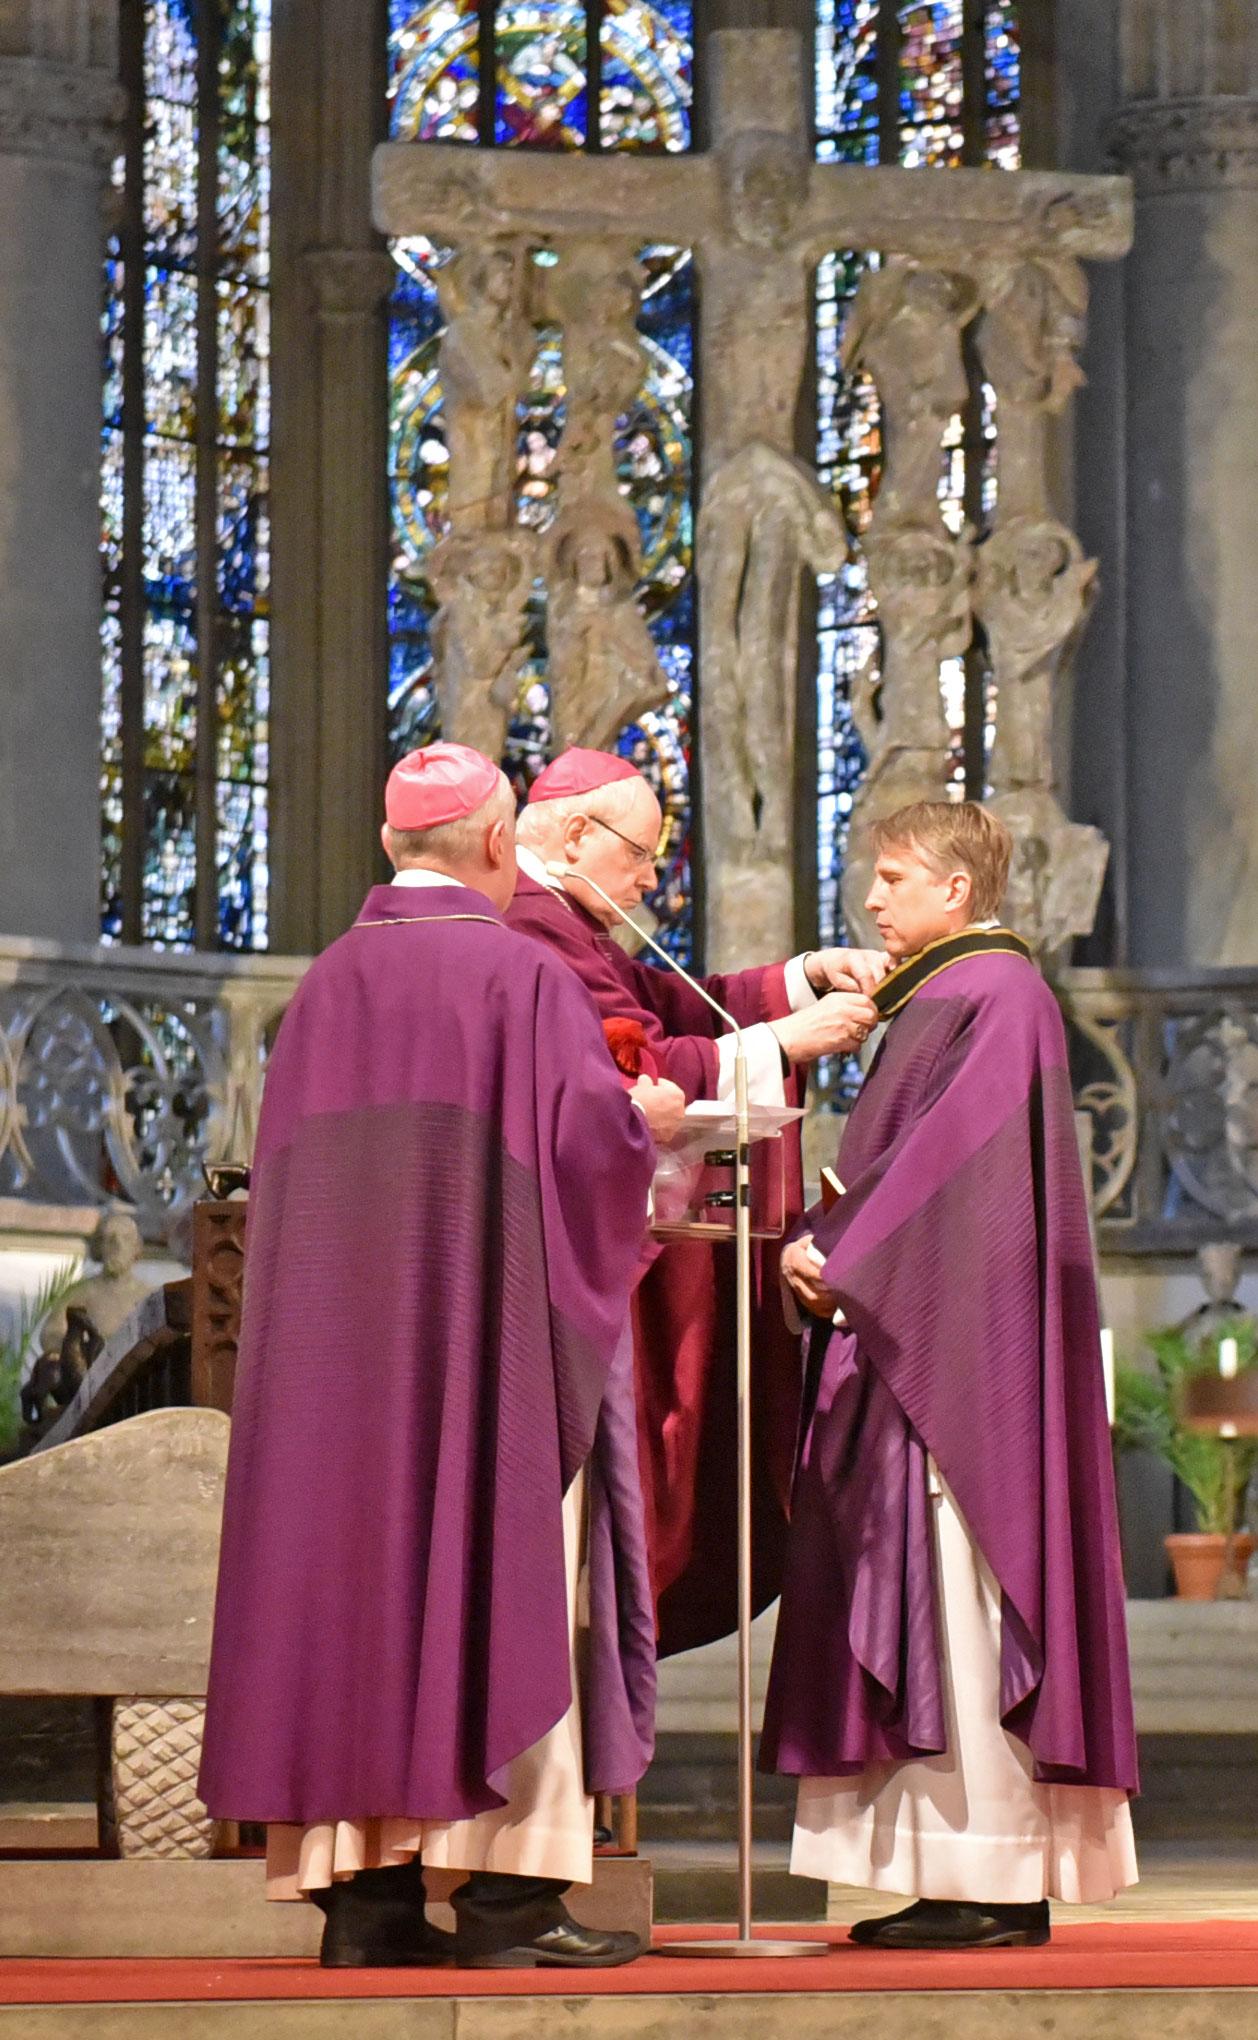 Bischof Konrad überreicht dem neuen Domkapitular Dr. Thomas Groll das Kapitelkreuz. (Fotos: Romana Kröling / pba)